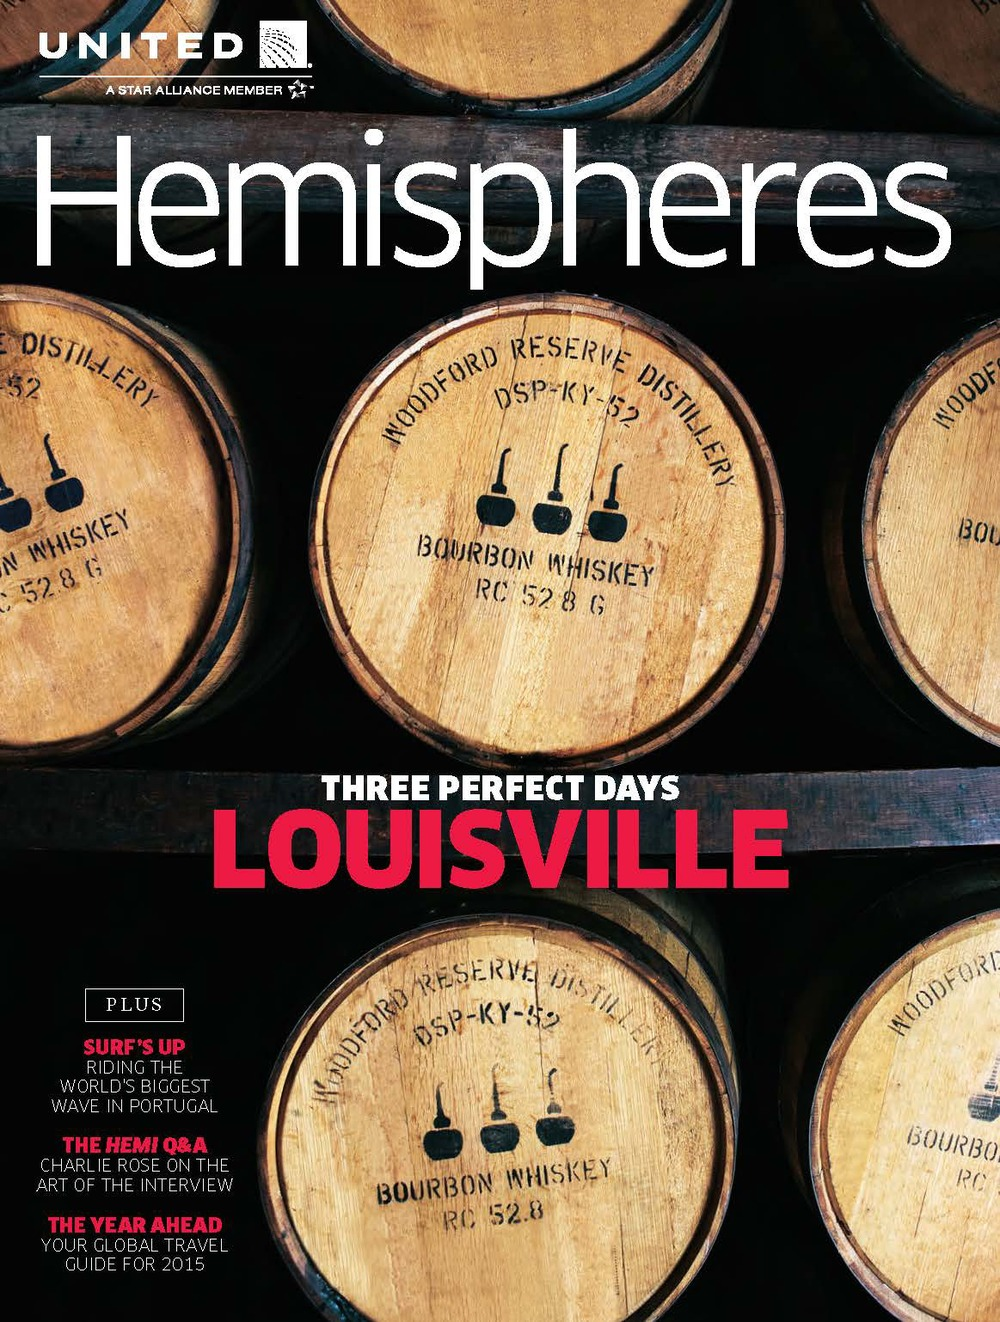 UNITED AIRLINES HEMISPHERES  MAGAZINE |  Media Kit